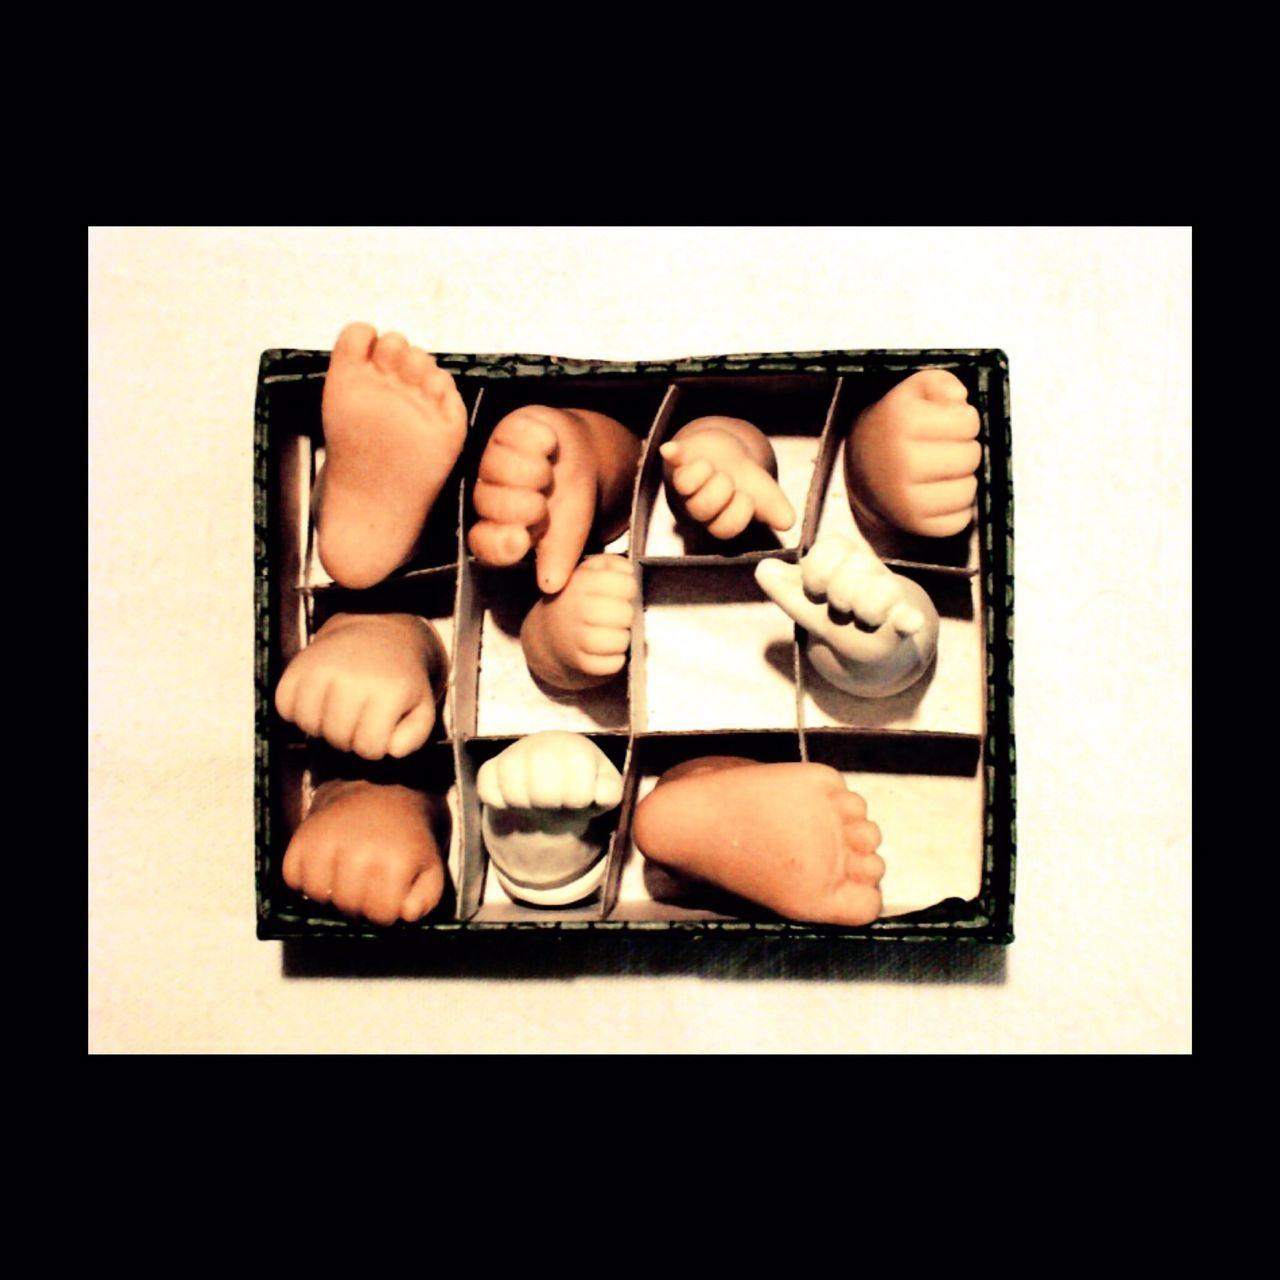 L'atelier de mon ami Pierre Durdilly était un enchantement. Il a quitté ce monde en 2008. Dessinateur, potier, designer, il restera pour beaucoup comme le sculpteur des poupées Corole de Catherine Refaber. Things Organized Neatly Pierre Durdilly Toys